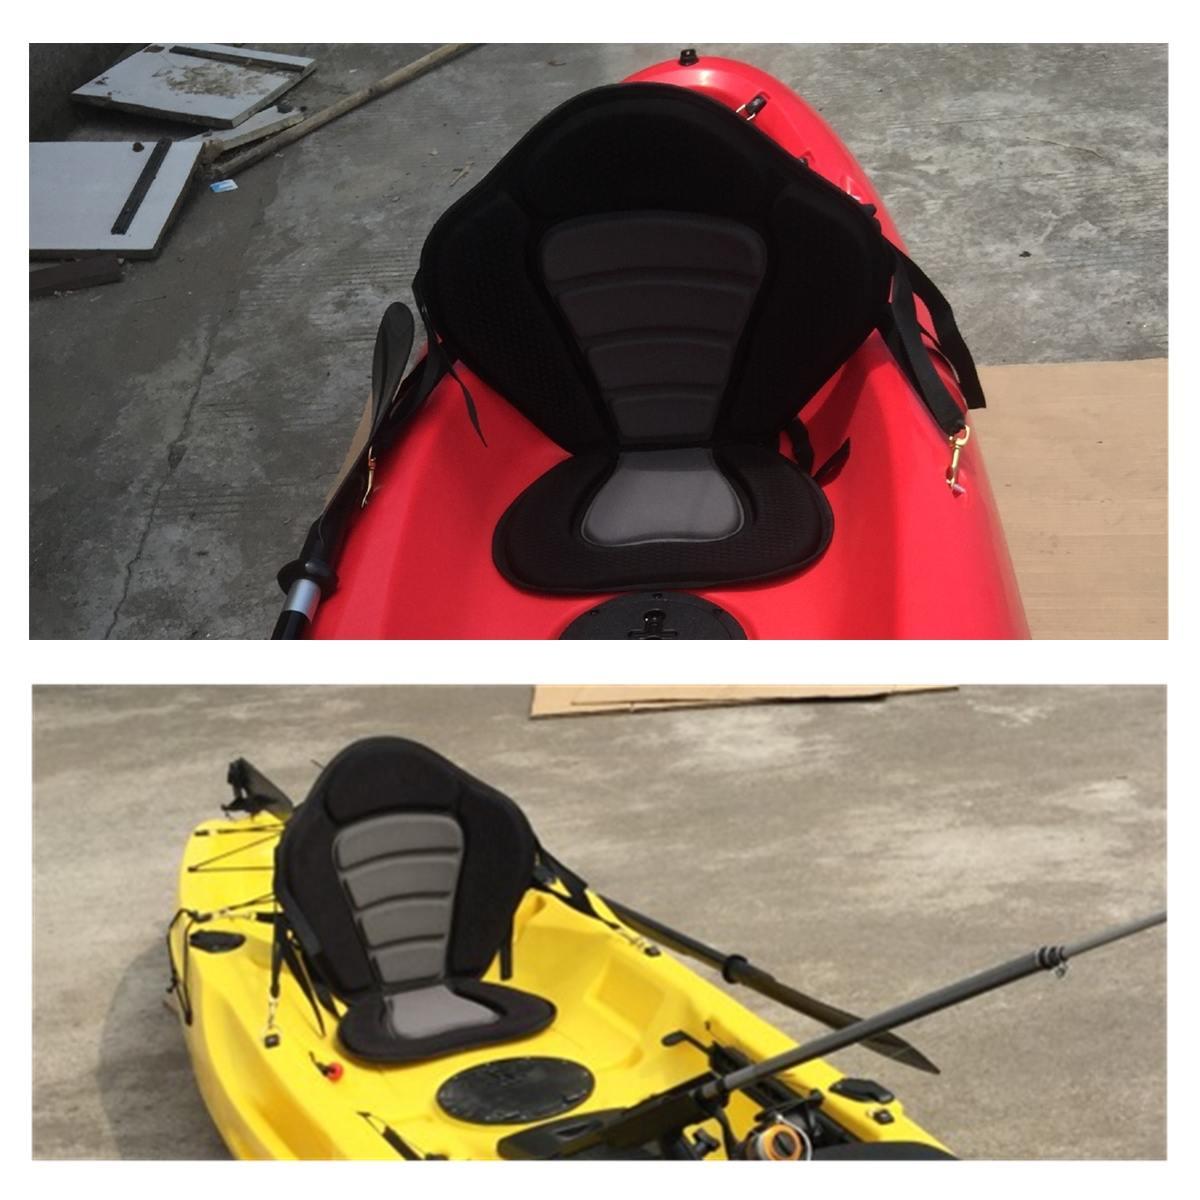 Camping en plein air Sports nautiques bateau siège délires rembourré coussin aviron bateau dossier pêche bateau Kayak accessoires doux antidérapant